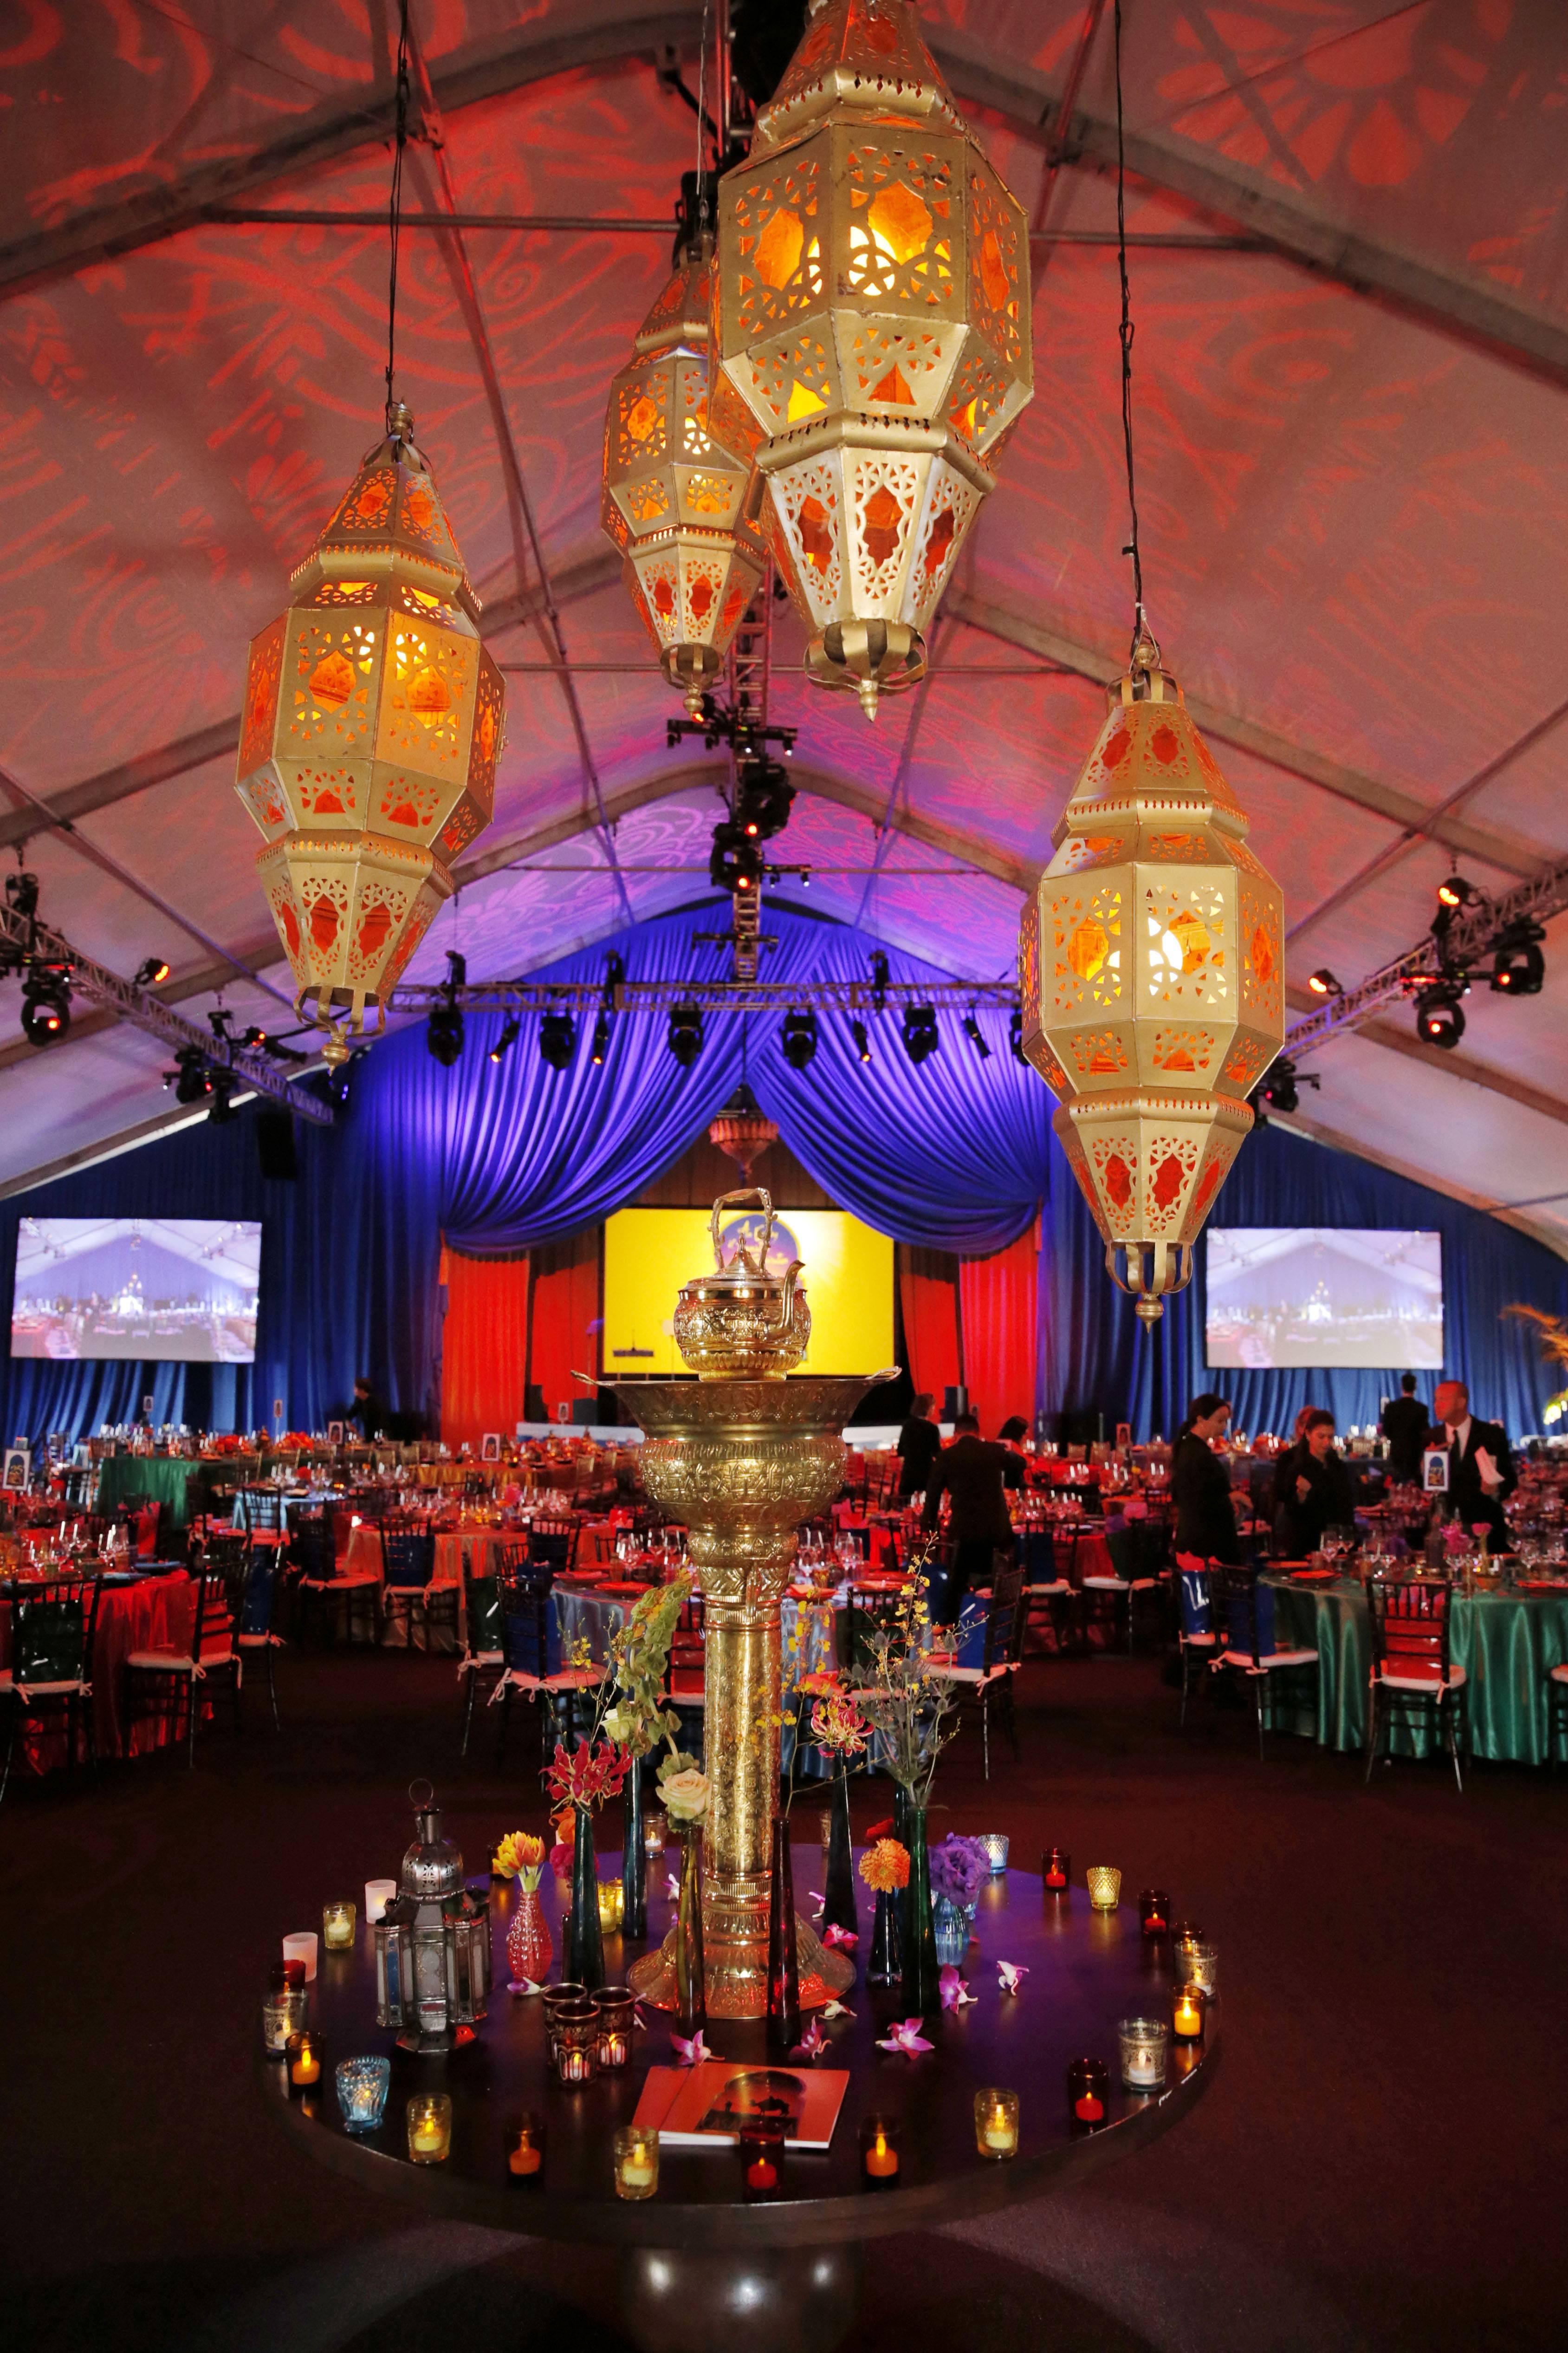 2013 Alfred Mann Foundation Gala - Inside